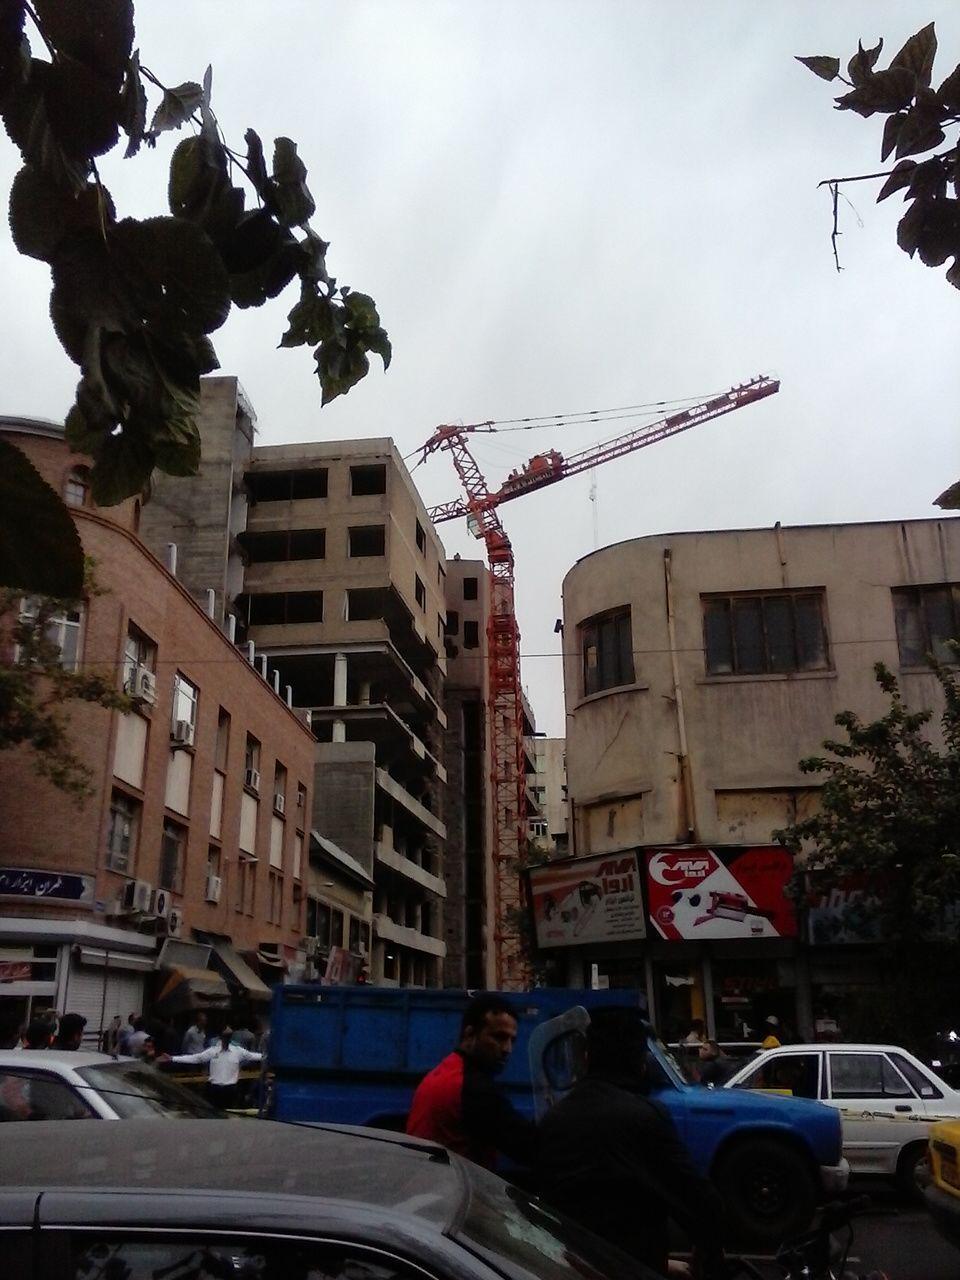 سرهنگ مرادی:ترافیک سنگین در پی واژگونی جرثقیل در خیابان خیام/ملکی:حادثه تلفات و مجروح نداشت+عکس